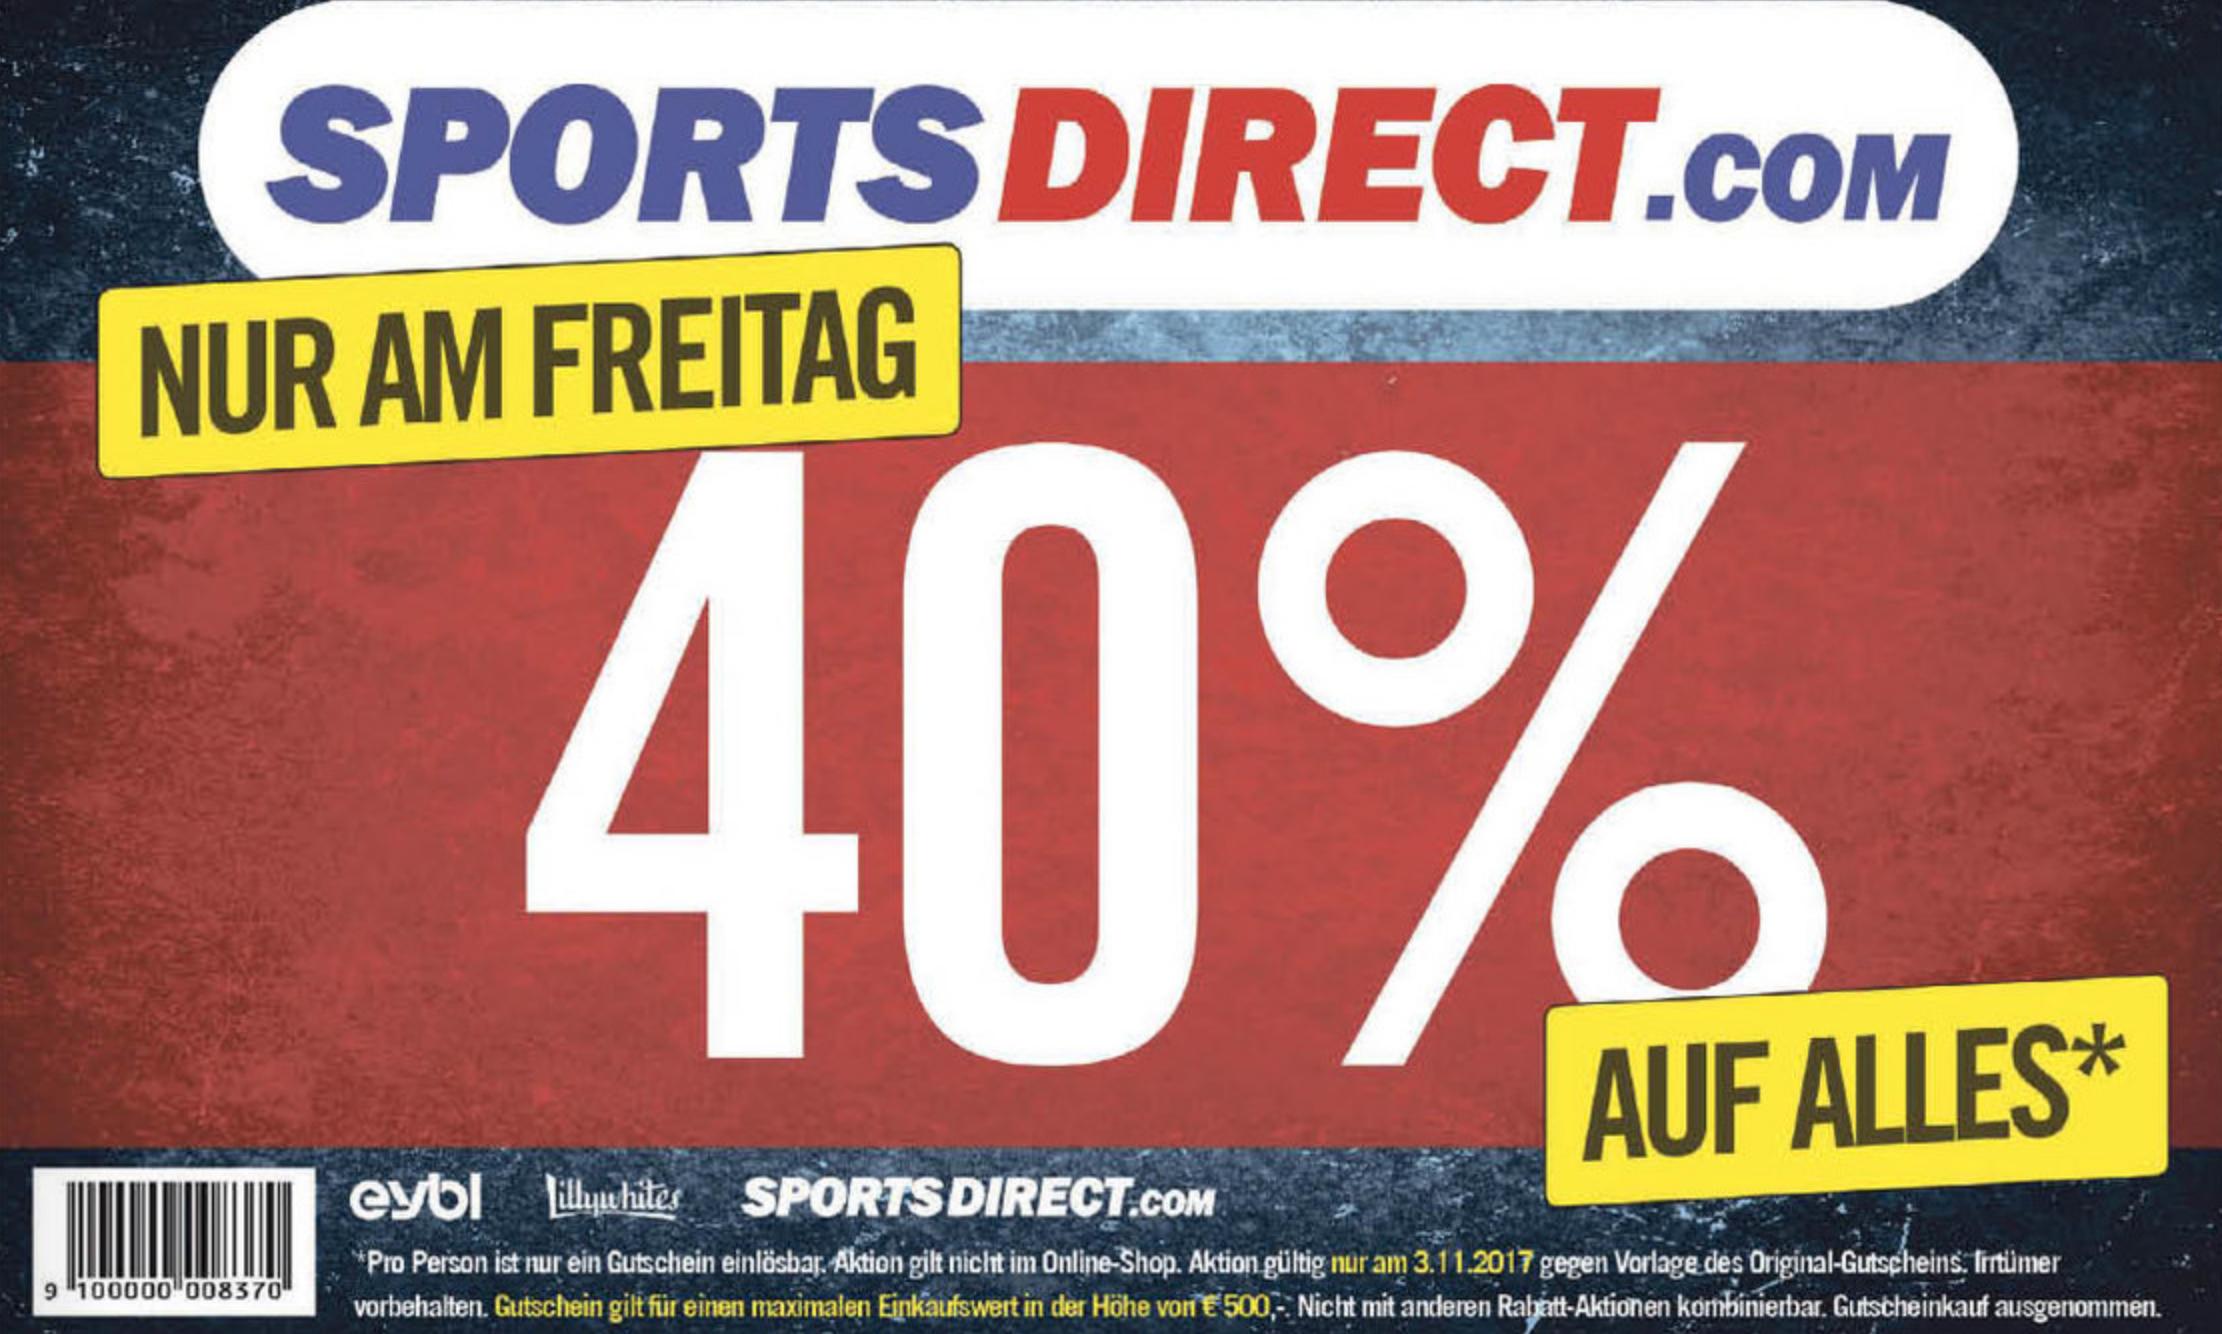 SportsDirect: -40% Sofort-Rabatt auf Alles - am 3.11.2017